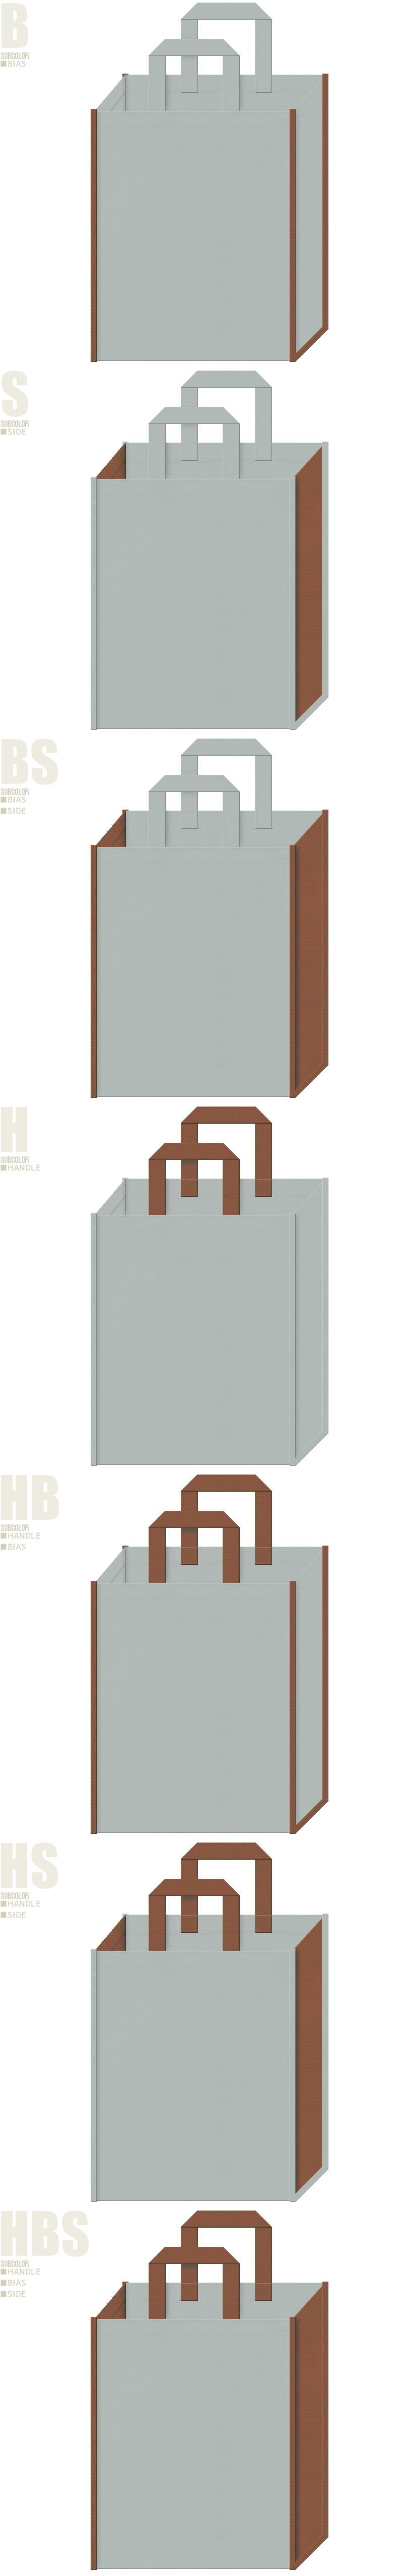 ニット・セーター・アウター・レギンス・秋冬ファッションの展示会用バッグにお奨めの不織布バッグデザイン:グレー色と茶色の配色7パターン